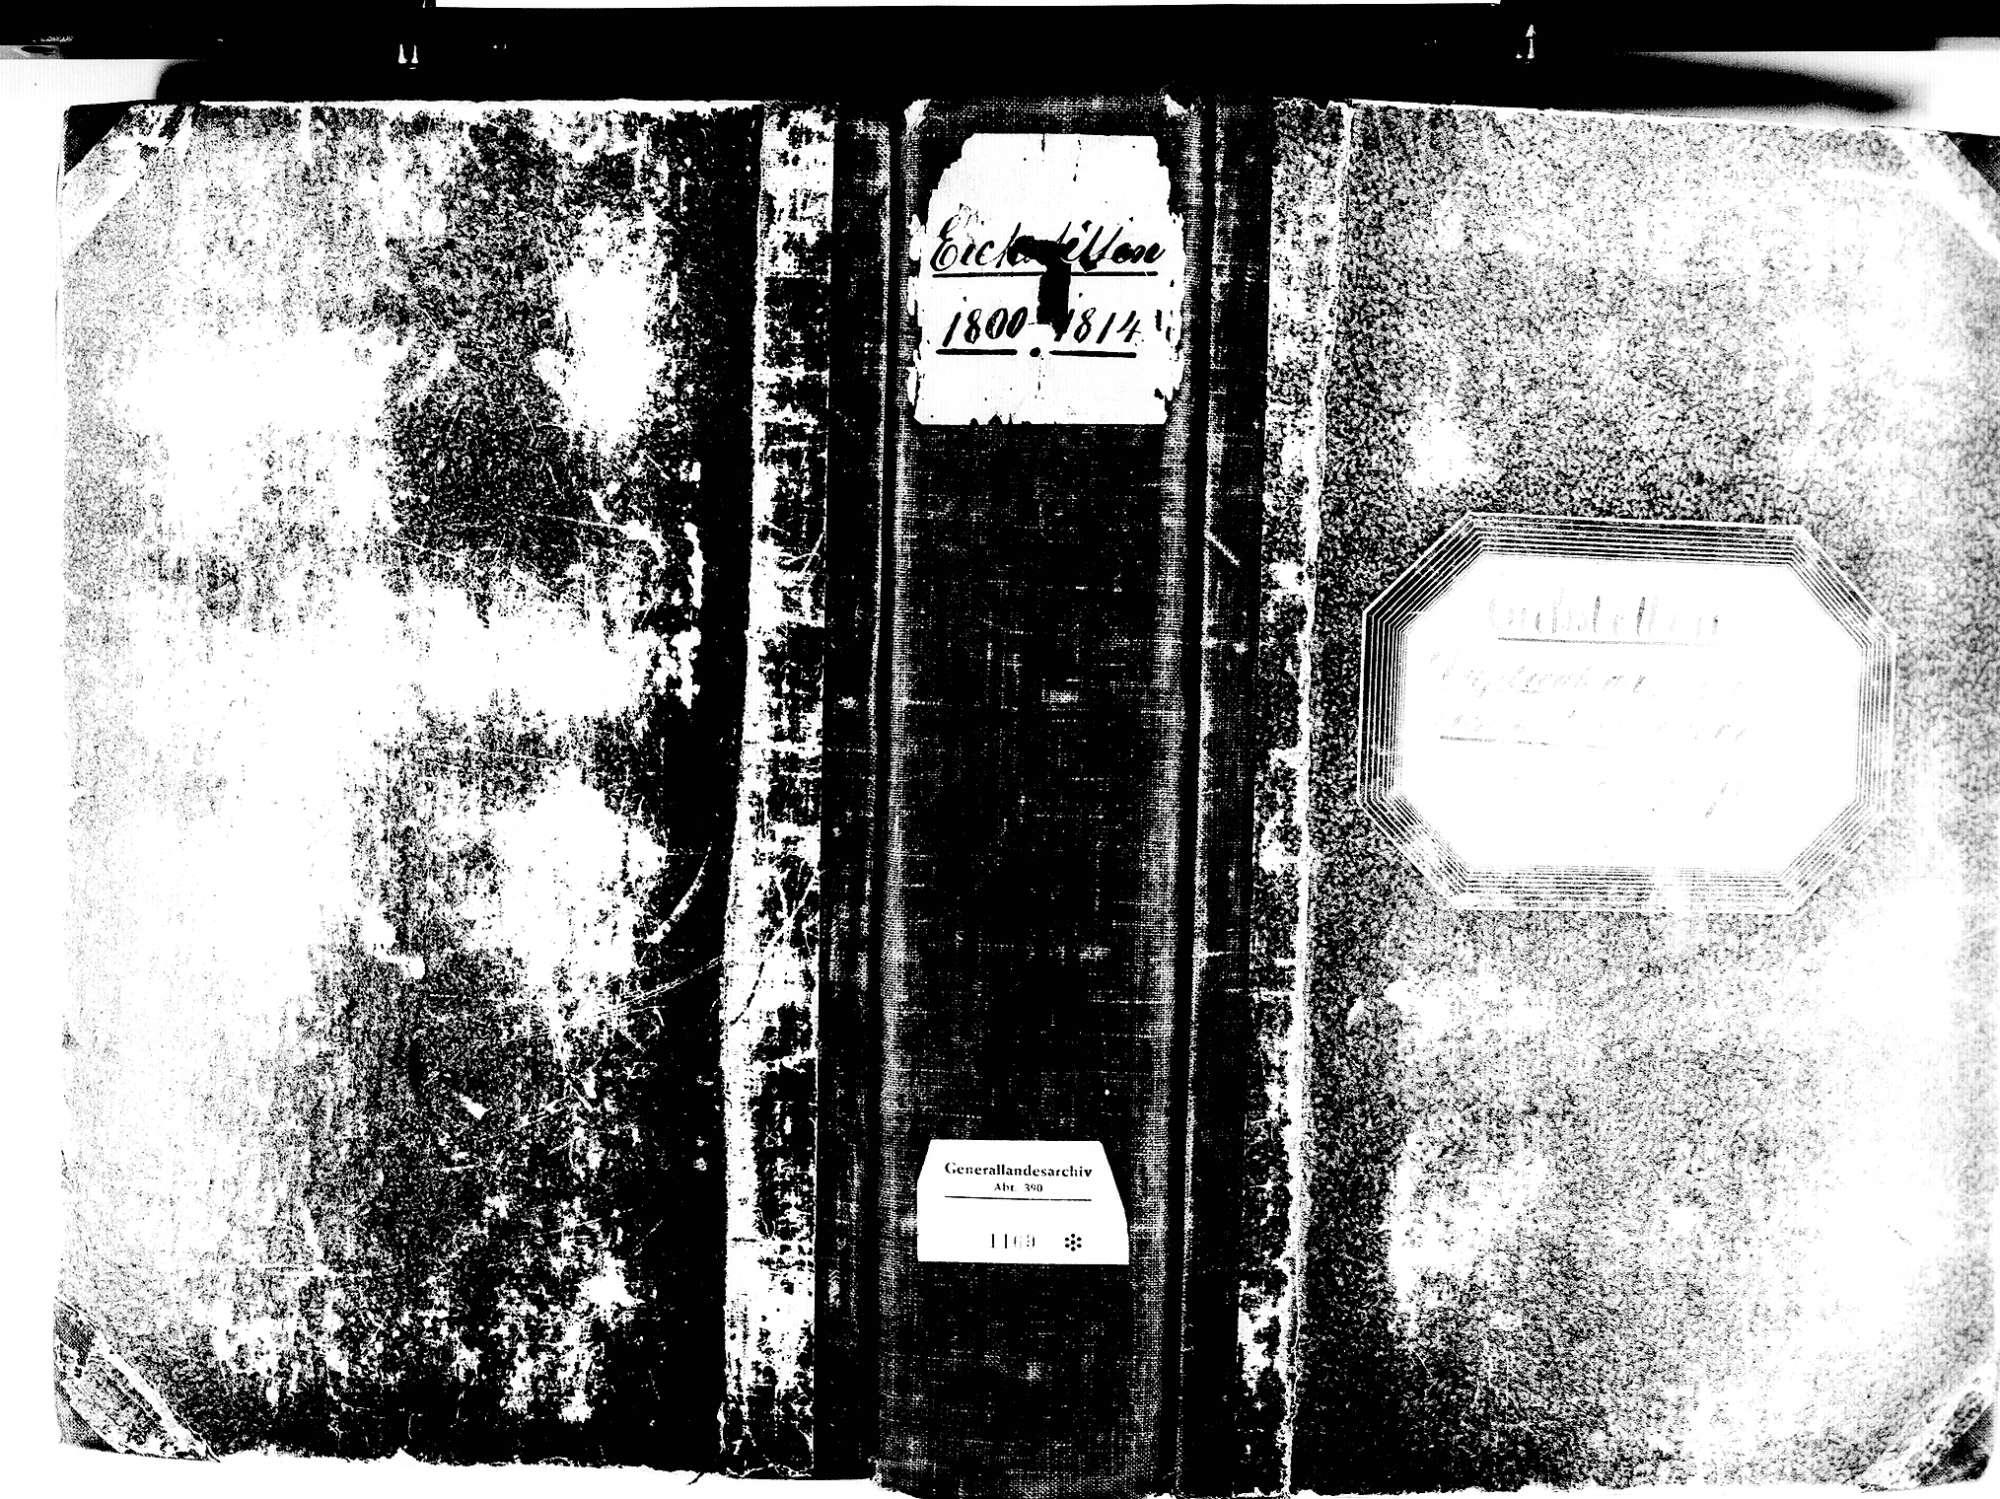 Eichstetten FR; Evangelische Gemeinde: Standesbuch 1800-1814 Eichstetten FR; Israelitische Gemeinde: Standesbuch 1800-1814, Bild 1